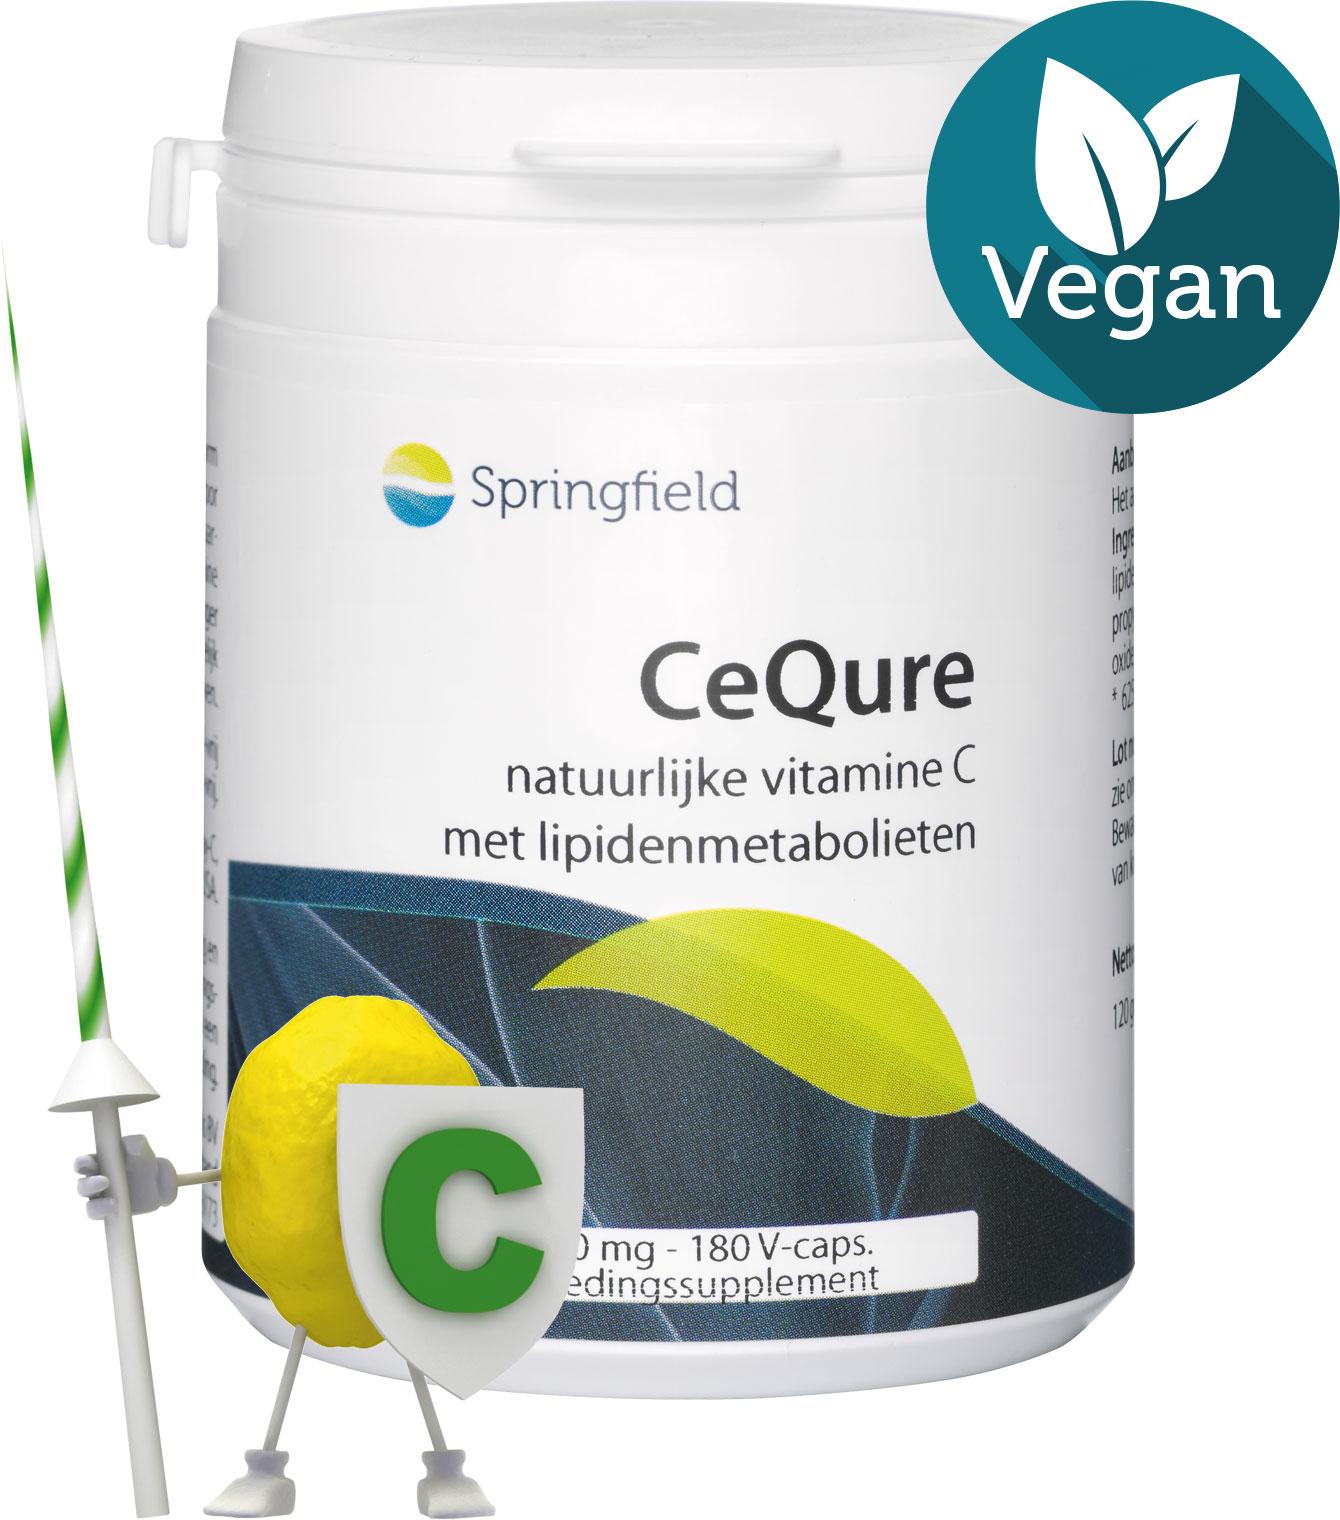 CeQure-natuurlijke-vitamine-C-vegan